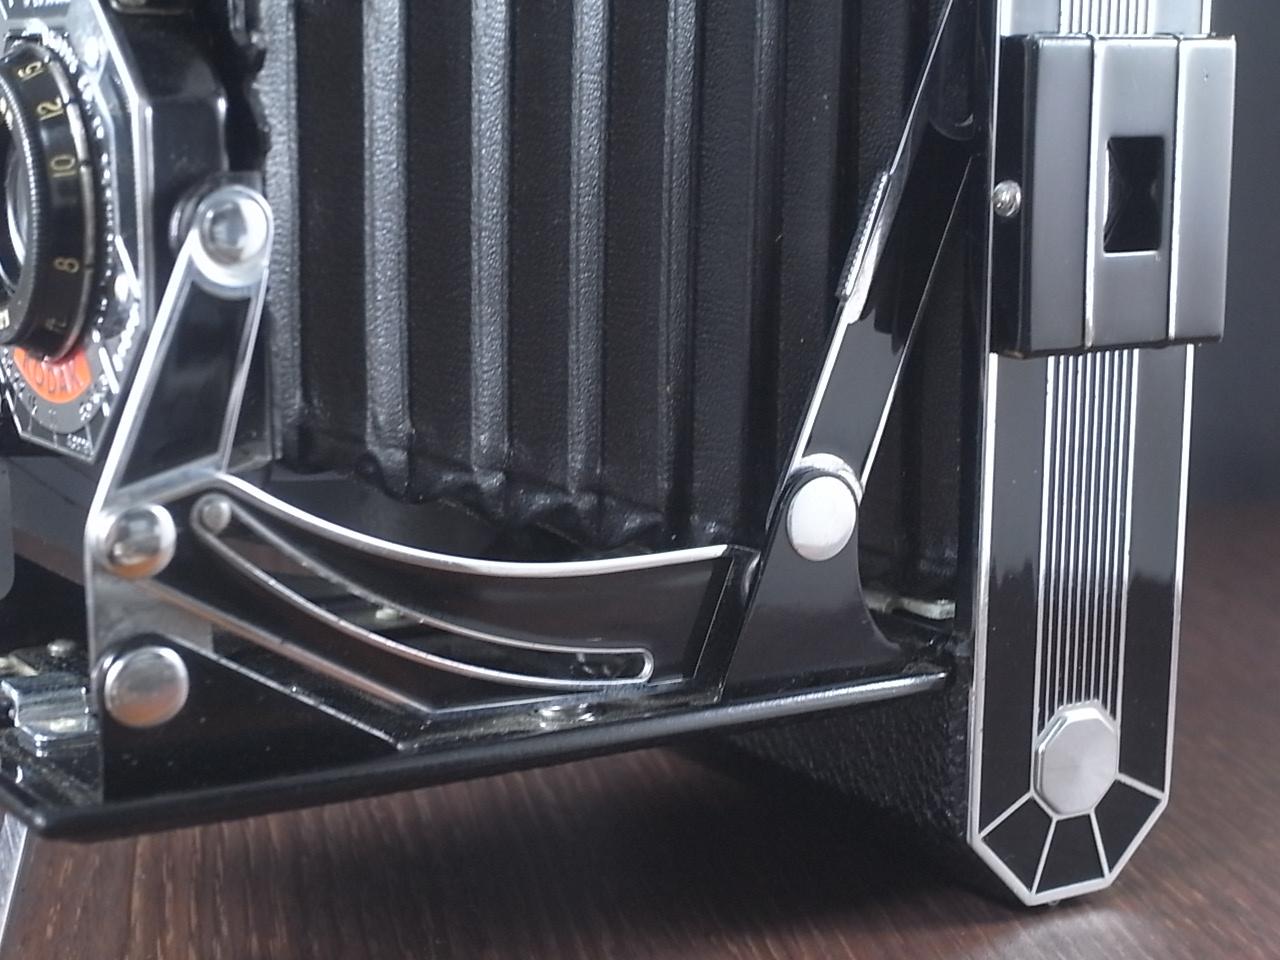 コダック アールデコ 蛇腹カメラ SIX-20 ブラックの写真5枚目